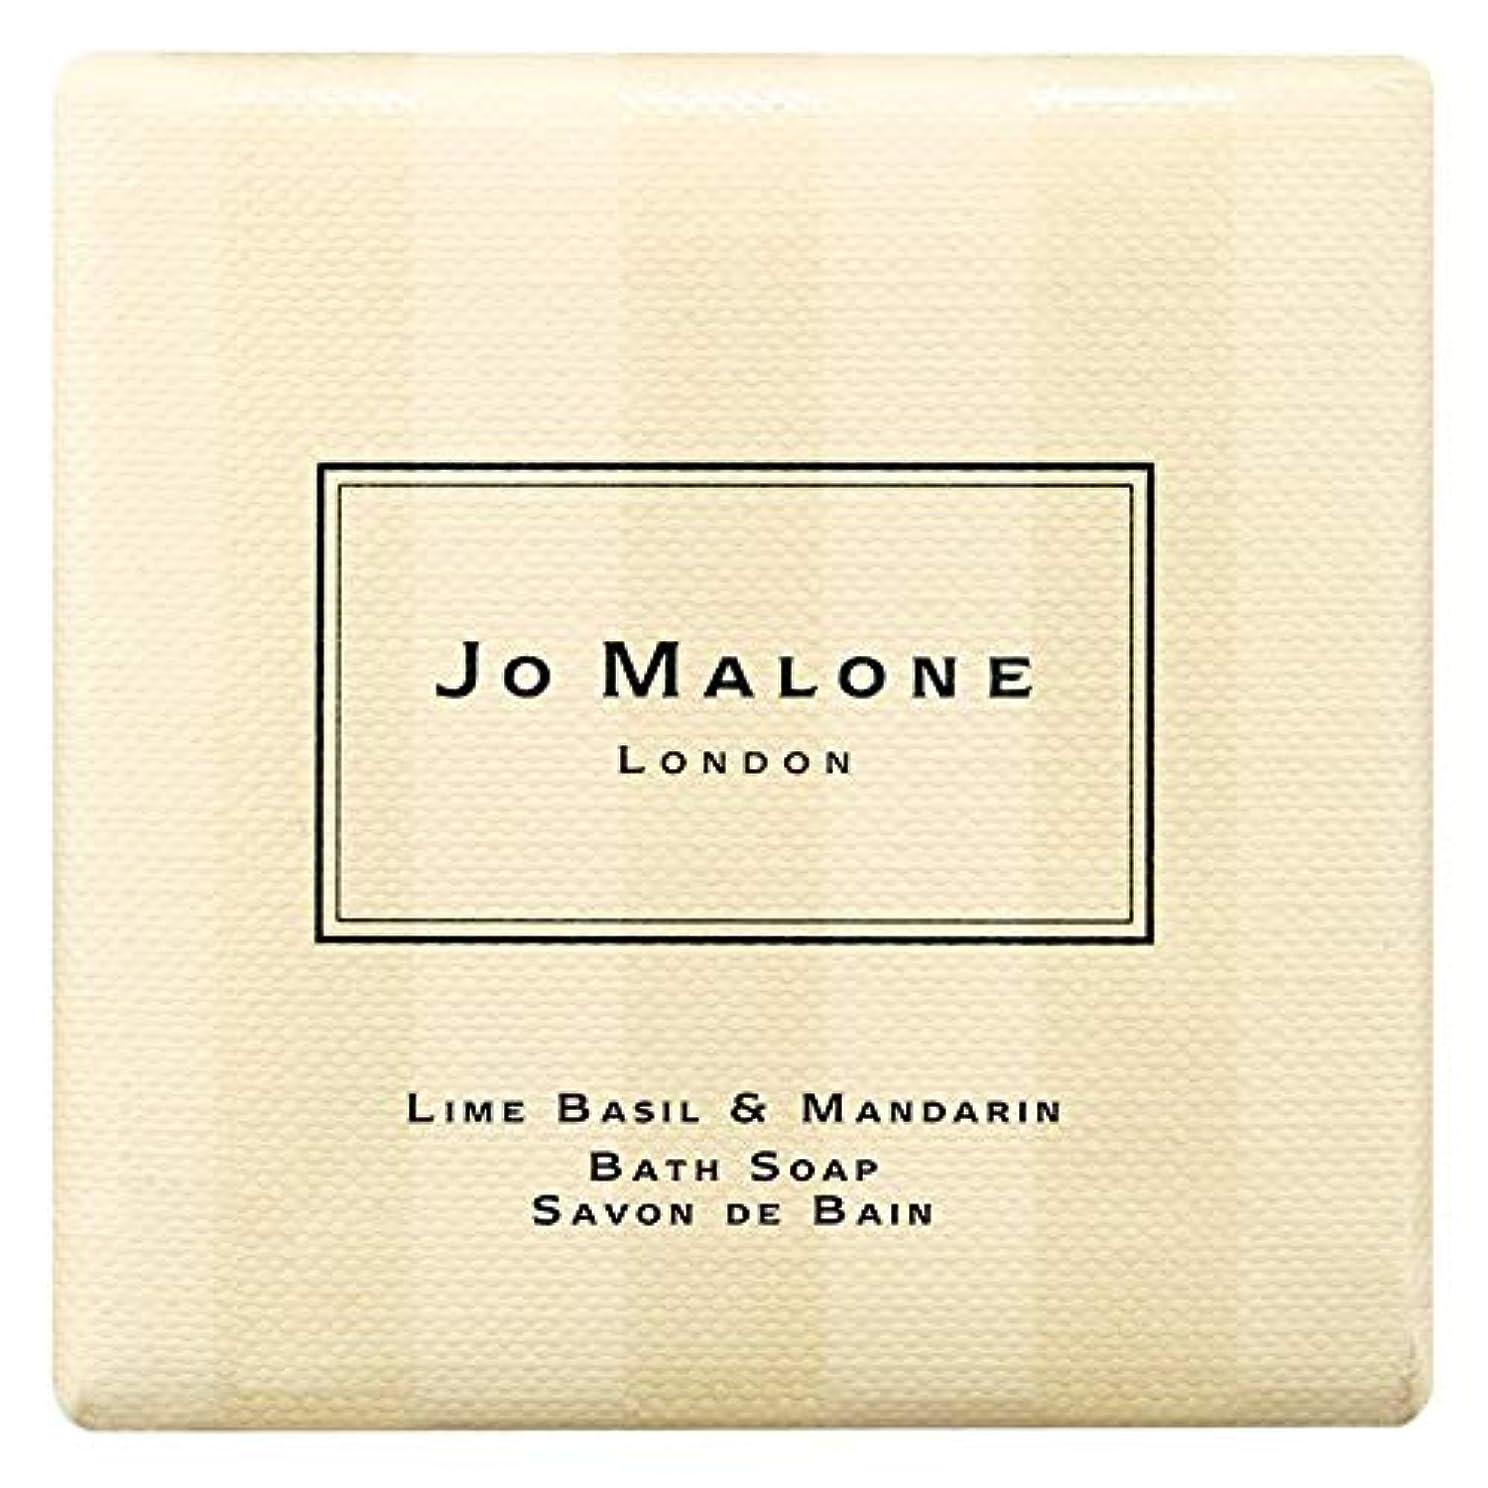 繊維微弱クリスマス[Jo Malone] ジョーマローンロンドンライムバジル&マンダリンお風呂の石鹸100グラム - Jo Malone London Lime Basil & Mandarin Bath Soap 100g [並行輸入品]